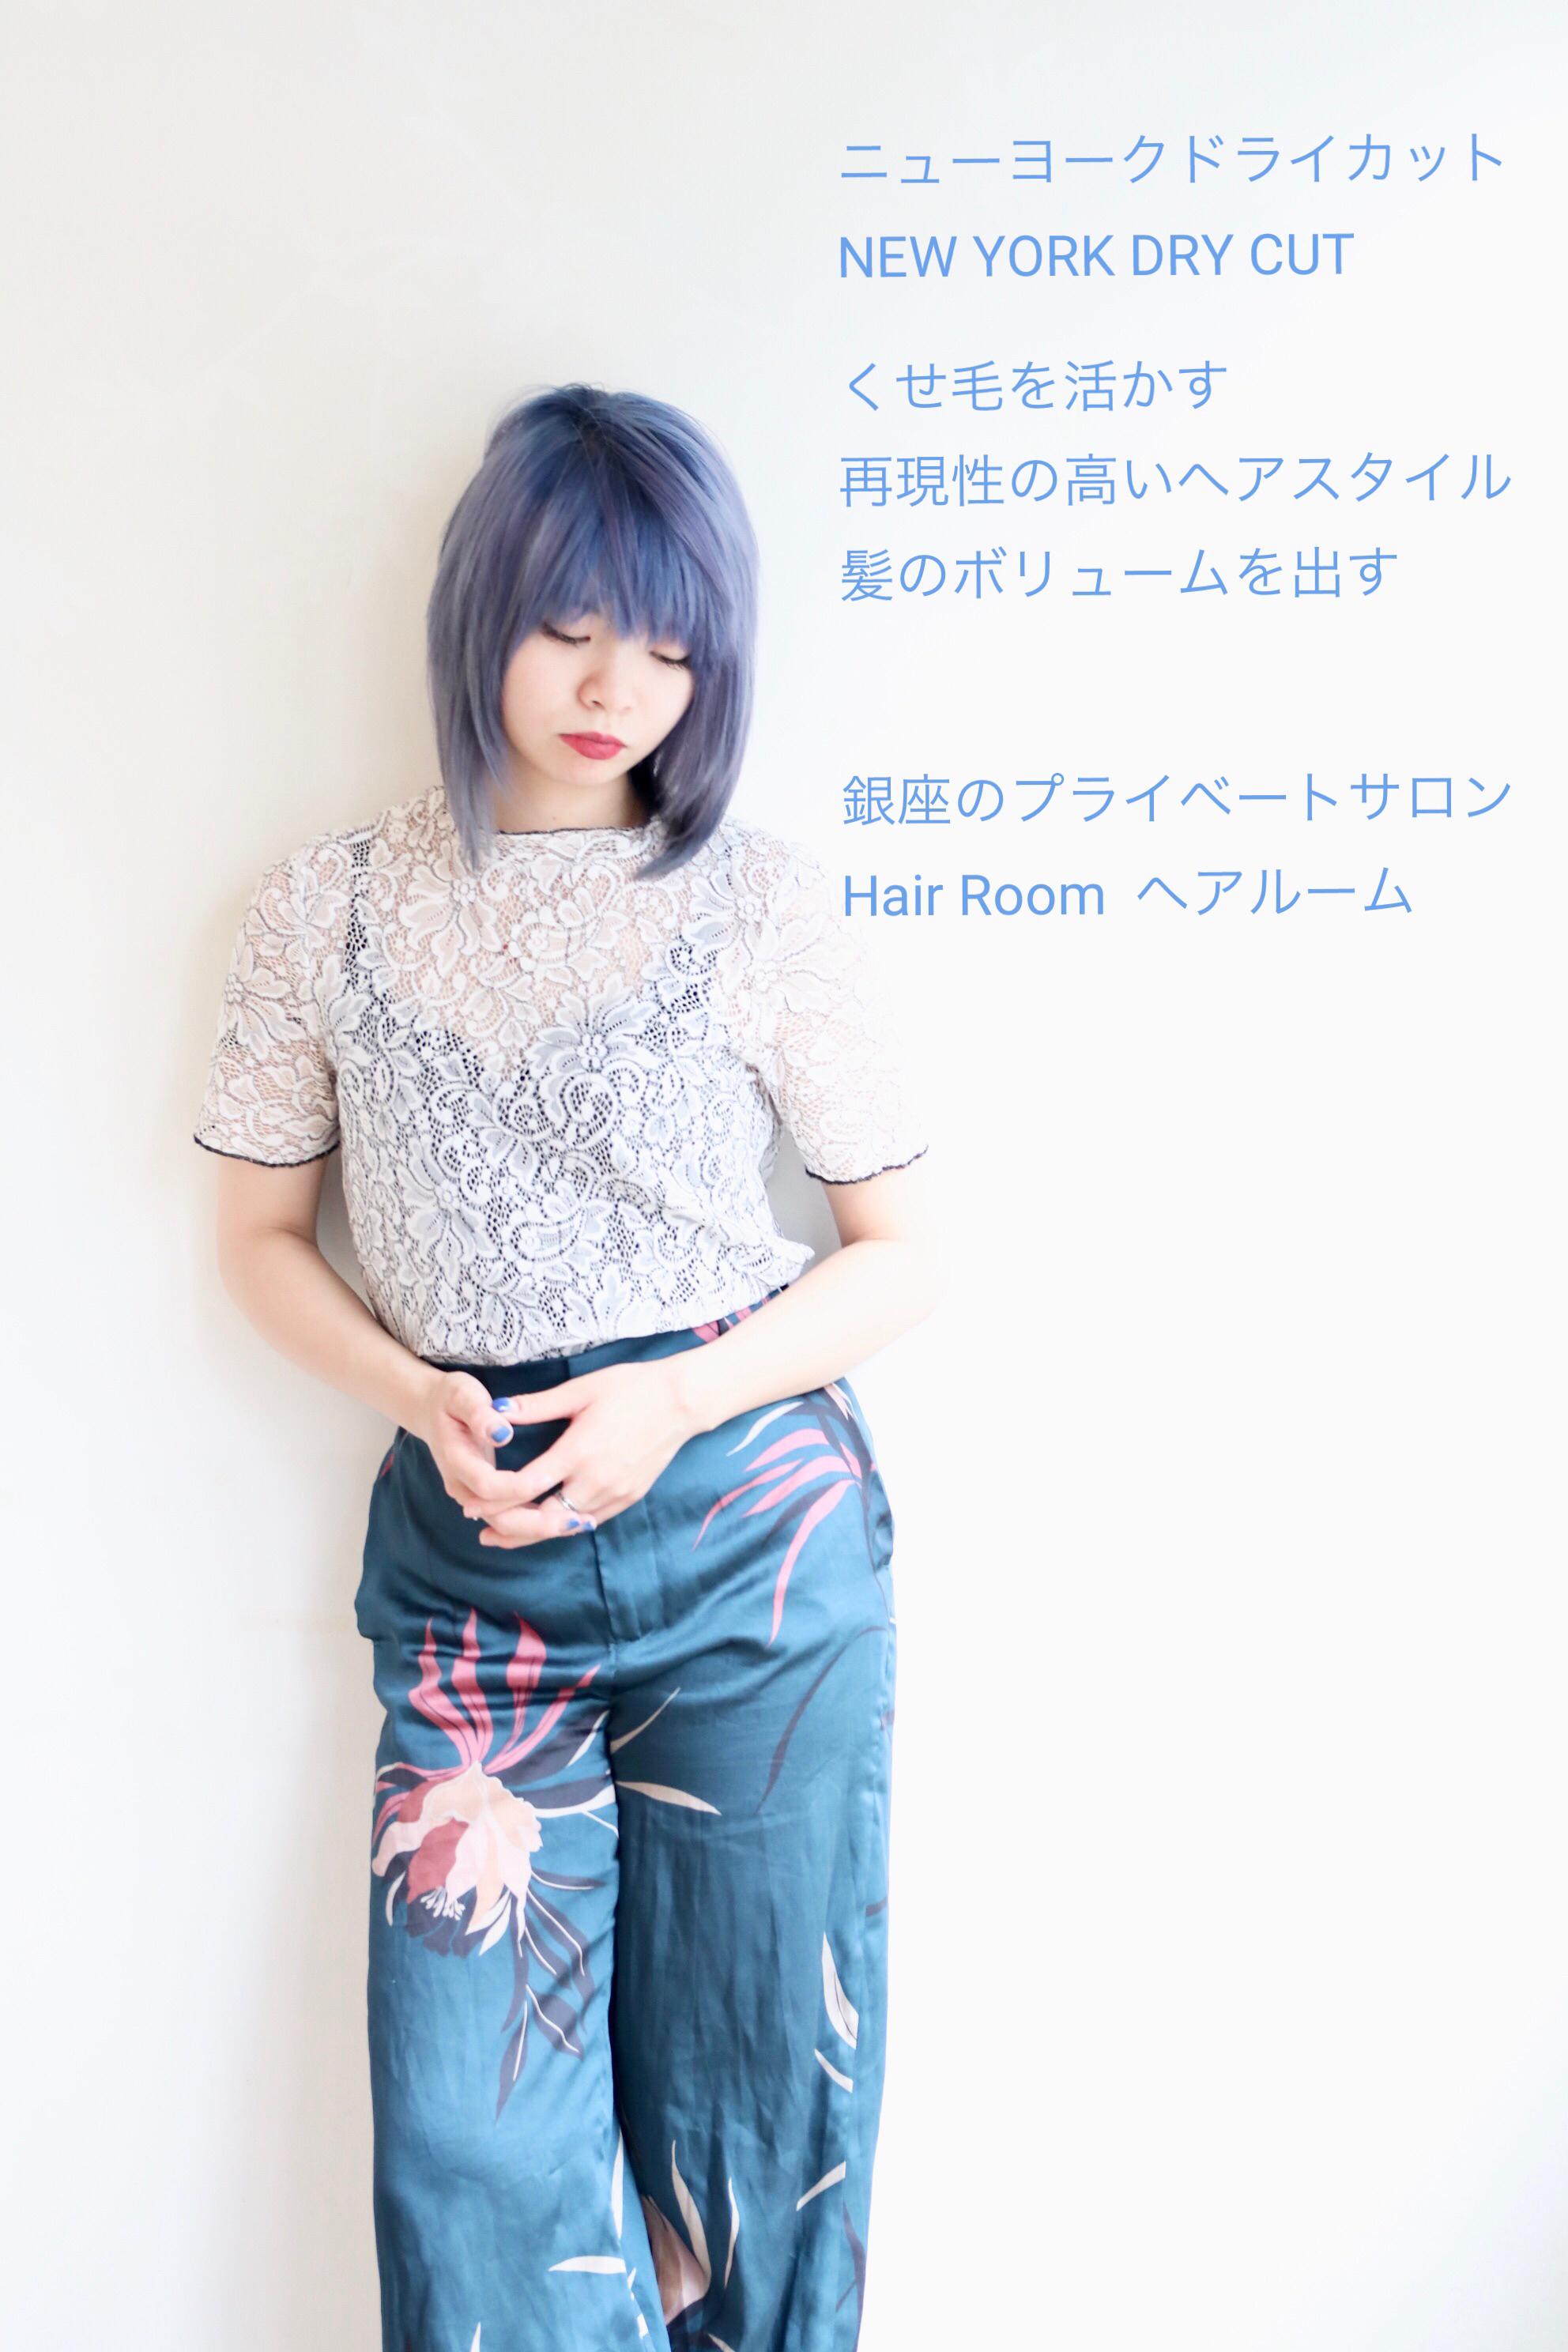 【くせ毛を活かす】【髪にボリュームを出す 】【再現性の高いヘアスタイル】【髪を梳かないカット】ニューヨークドライカット 東京銀座のプライベートサロン Hair Roomヘアルーム